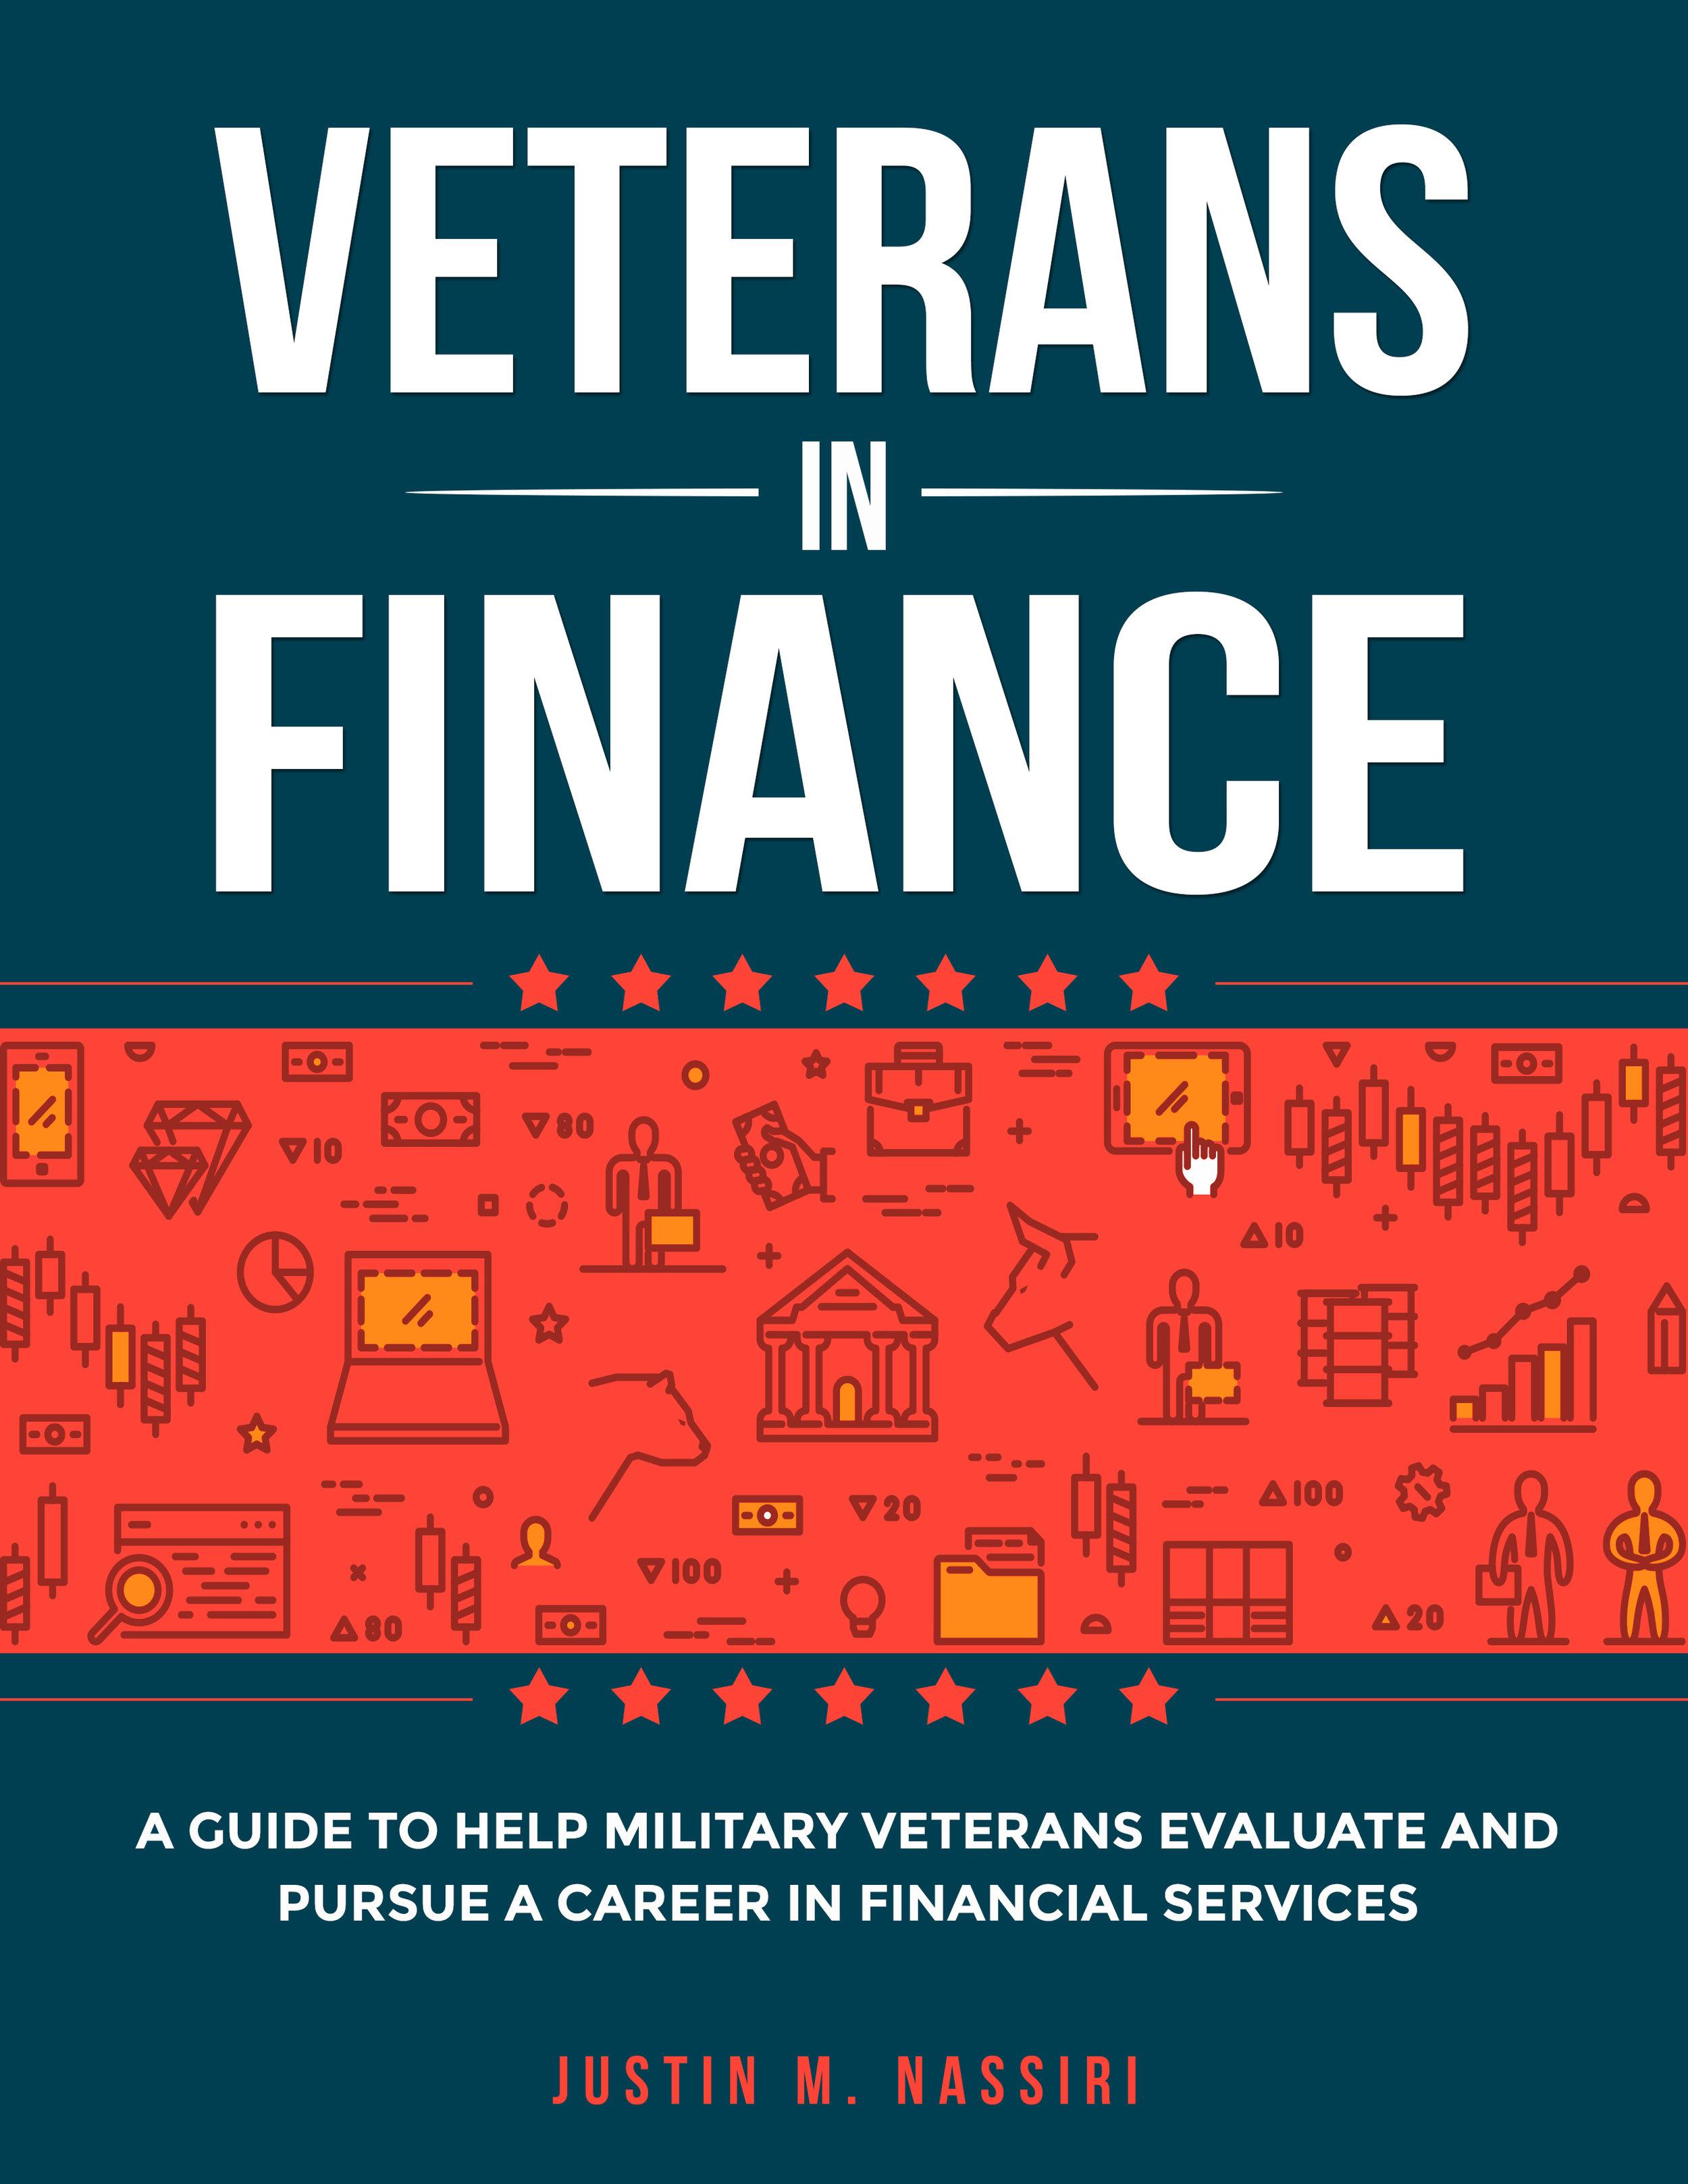 Veterans_in_Finance.jpg